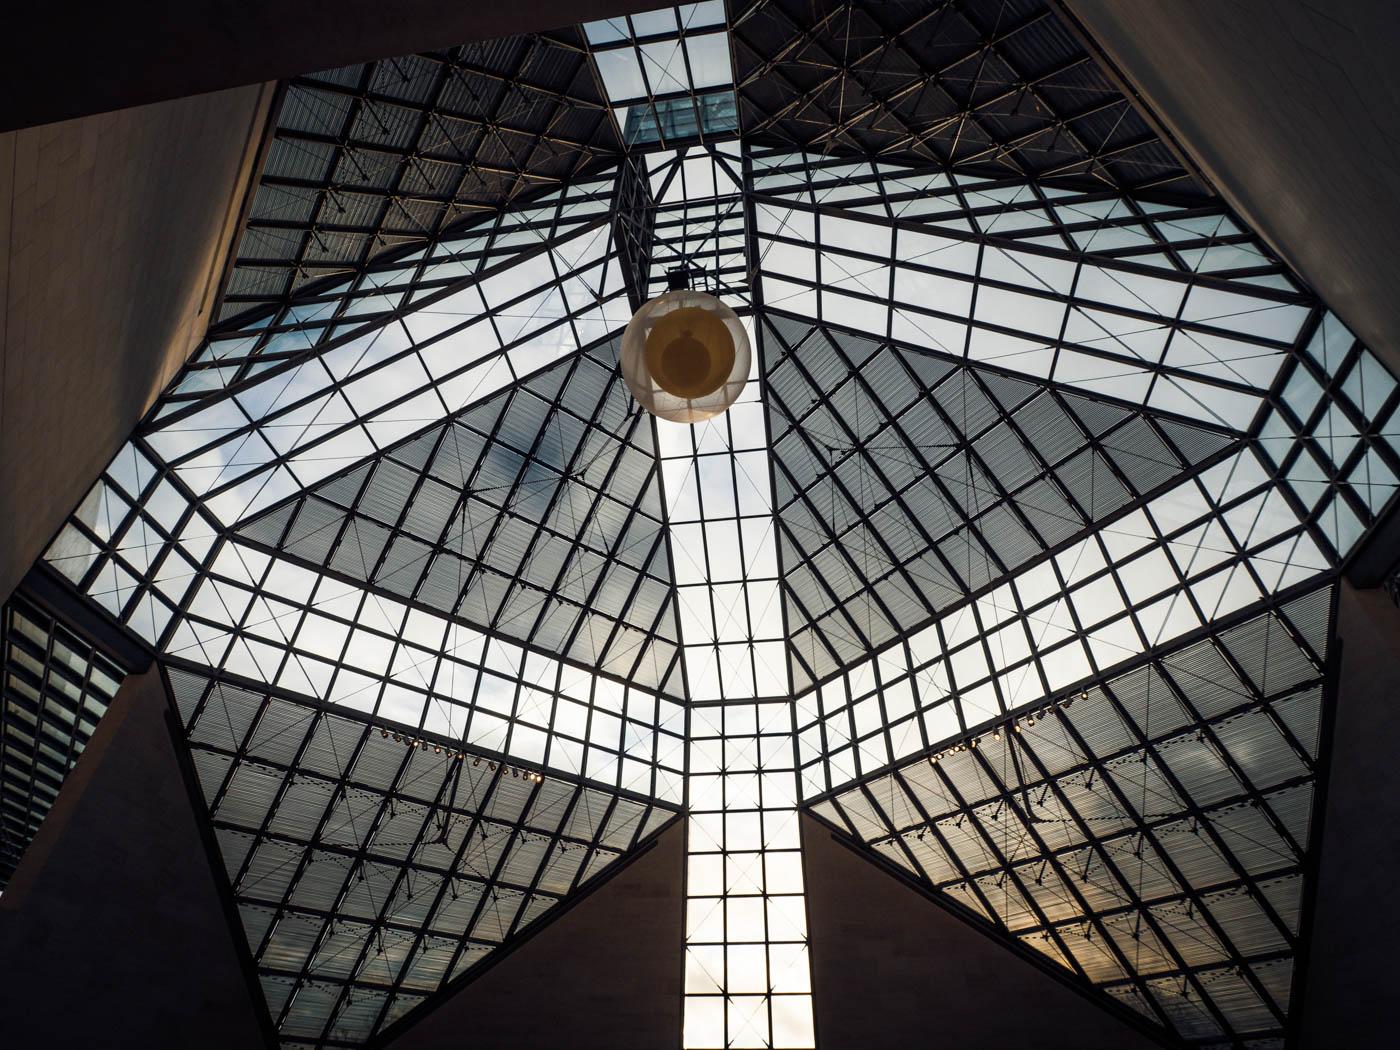 Musée d'Art Moderne Grand-Duc